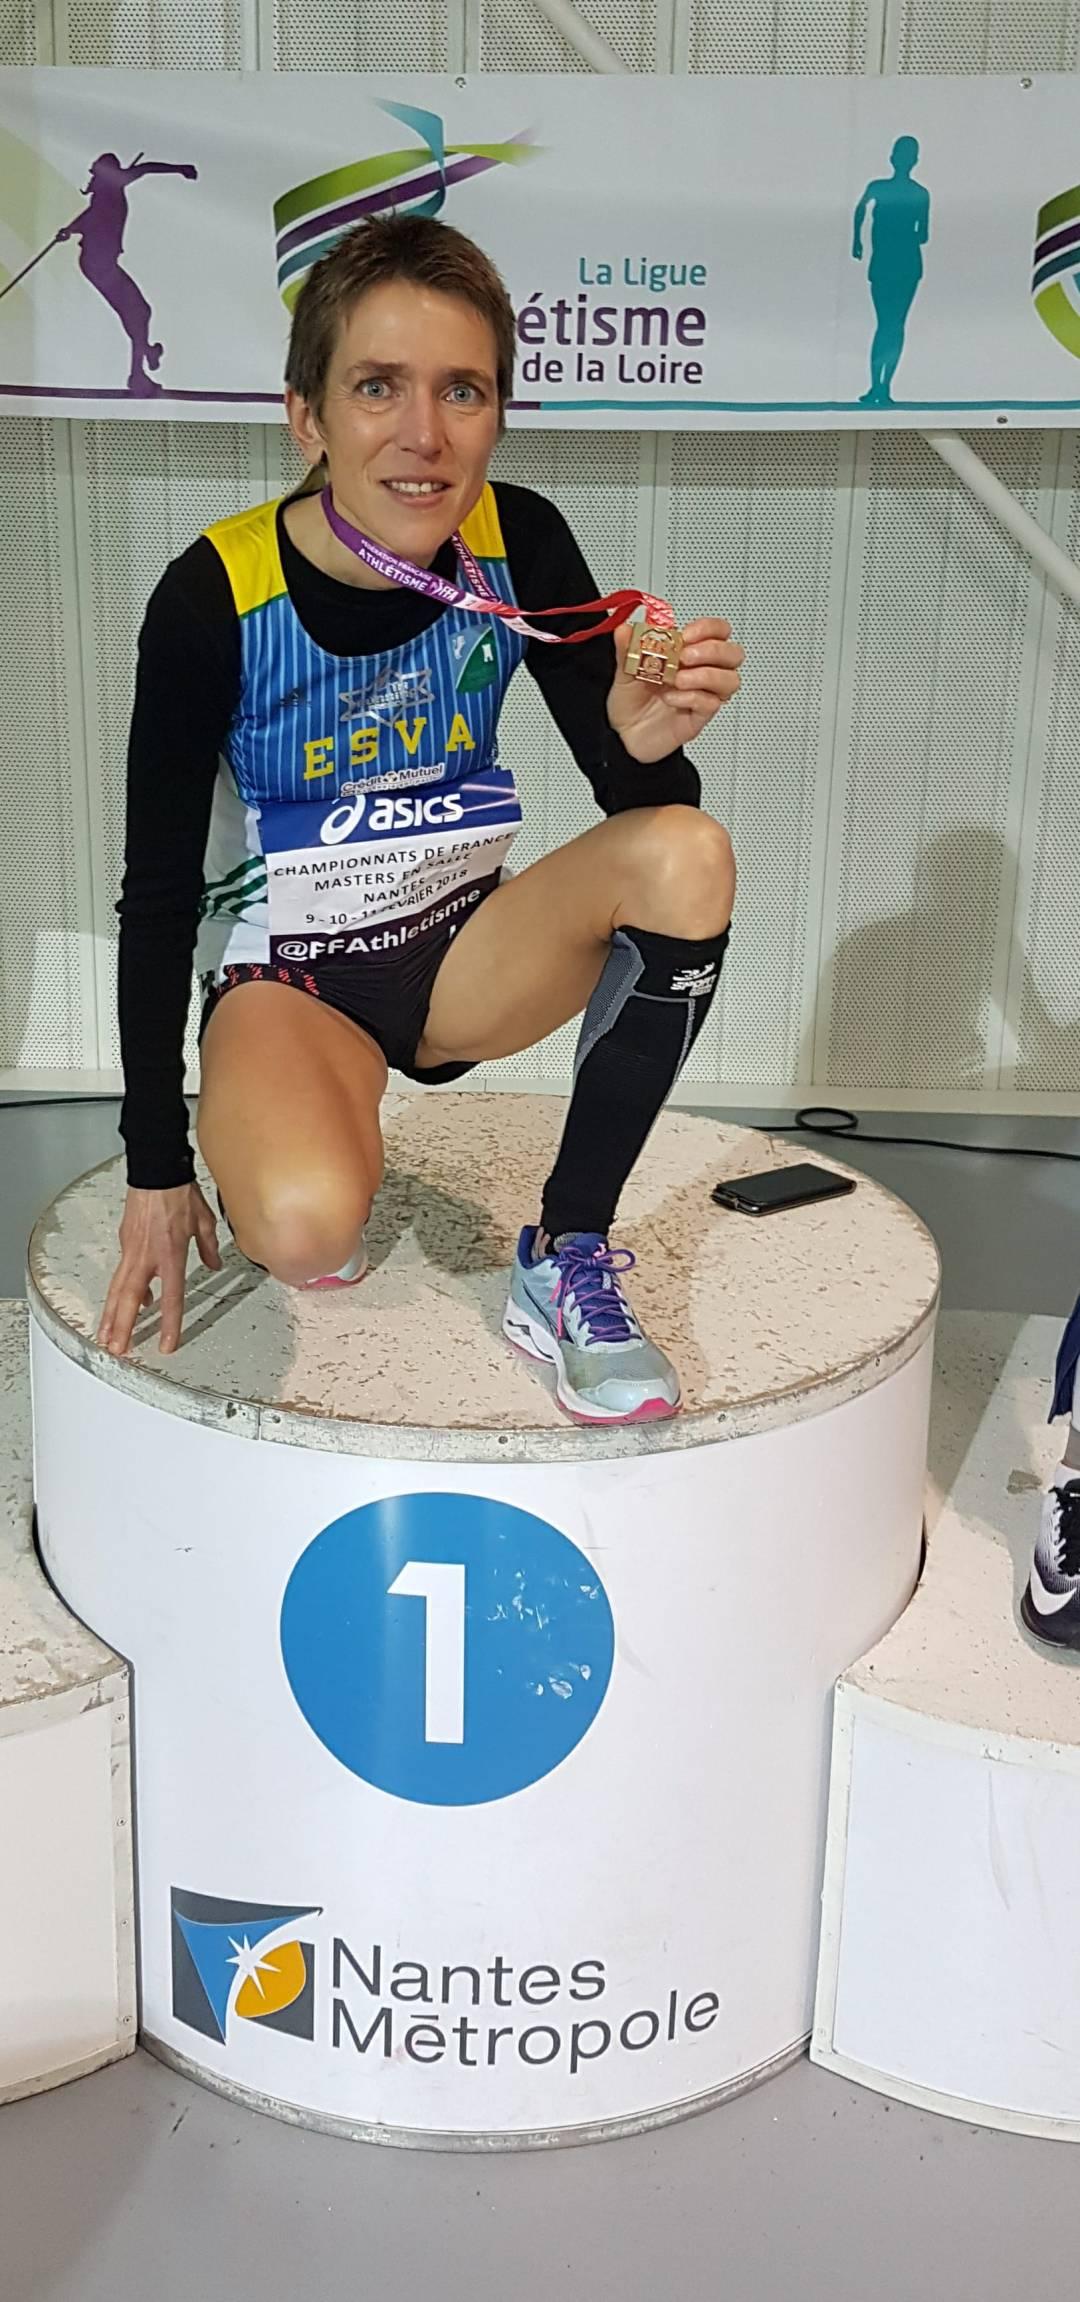 Catherine THOMAS-PESQUEUX avec sa médaille de championne de France Master aux 3000 mètres en salle, à Nantes.